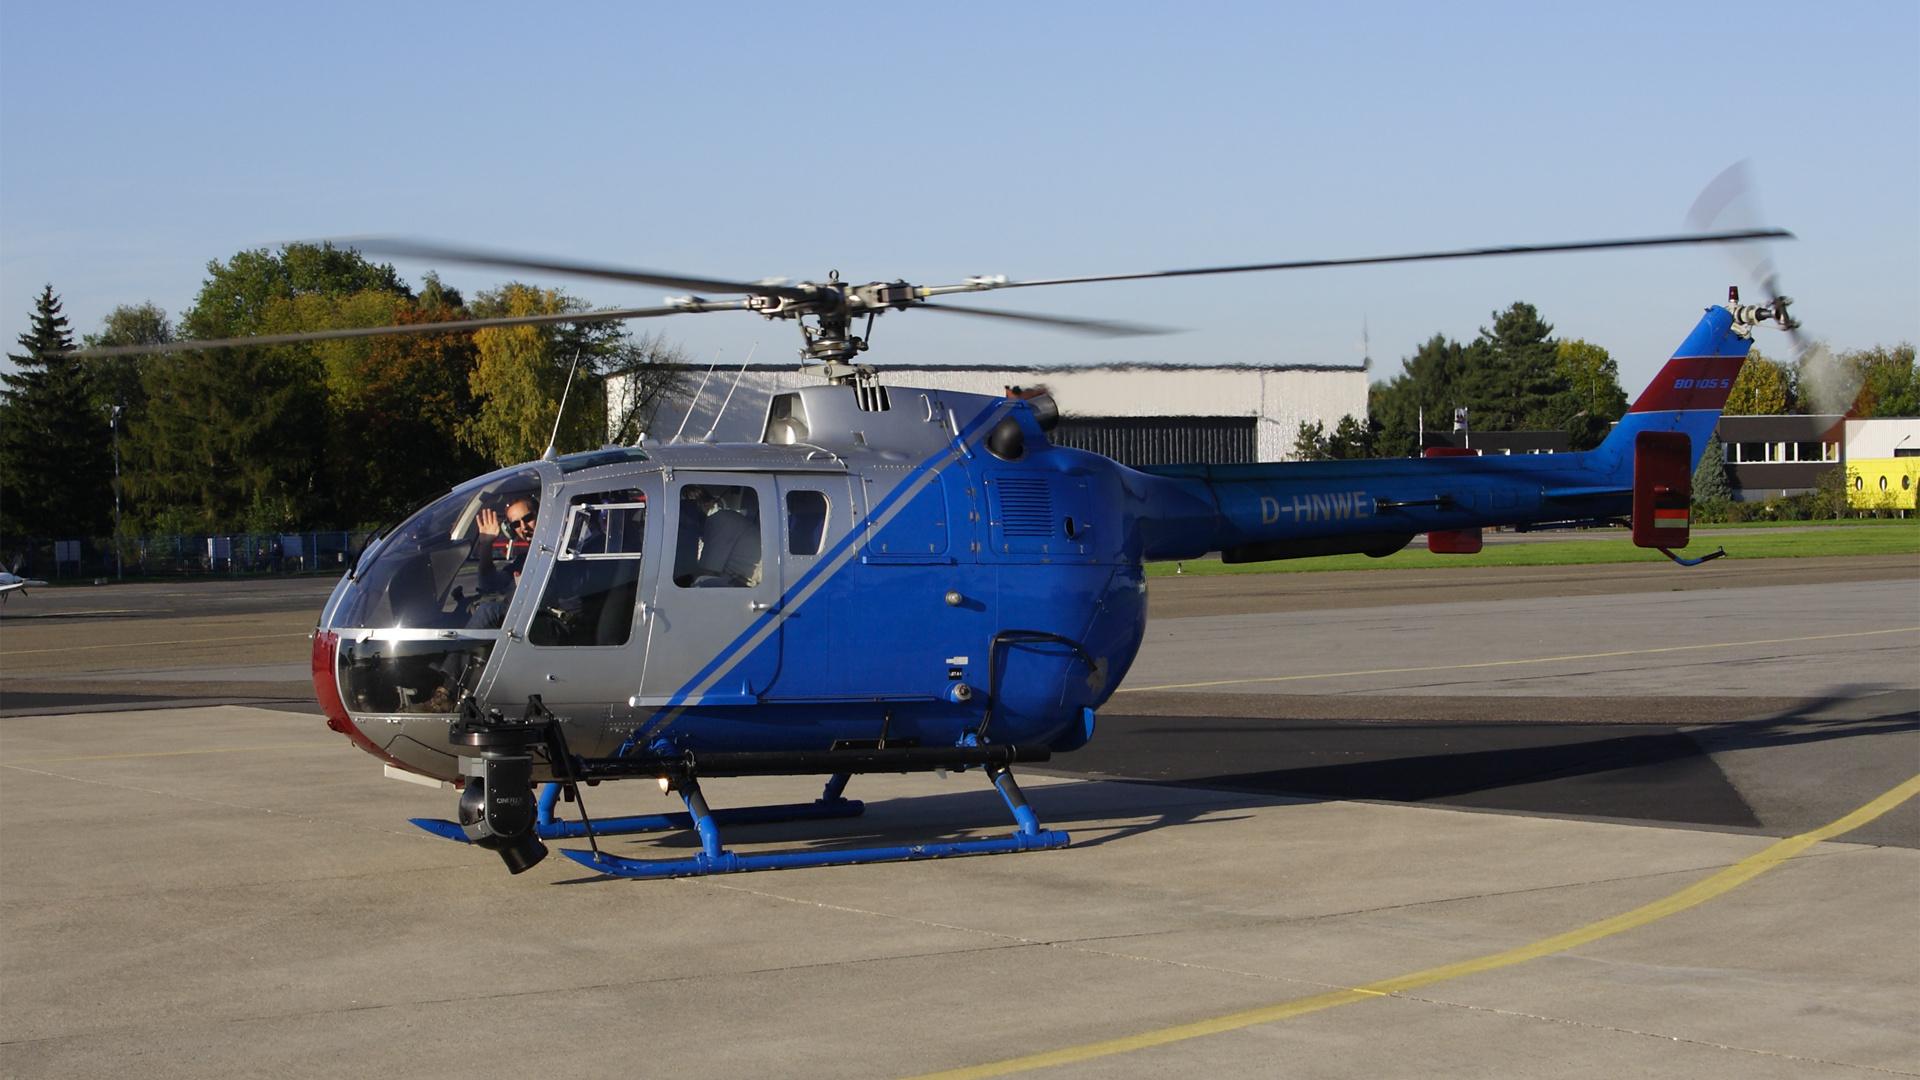 D-HNWE-1 BO105 200910